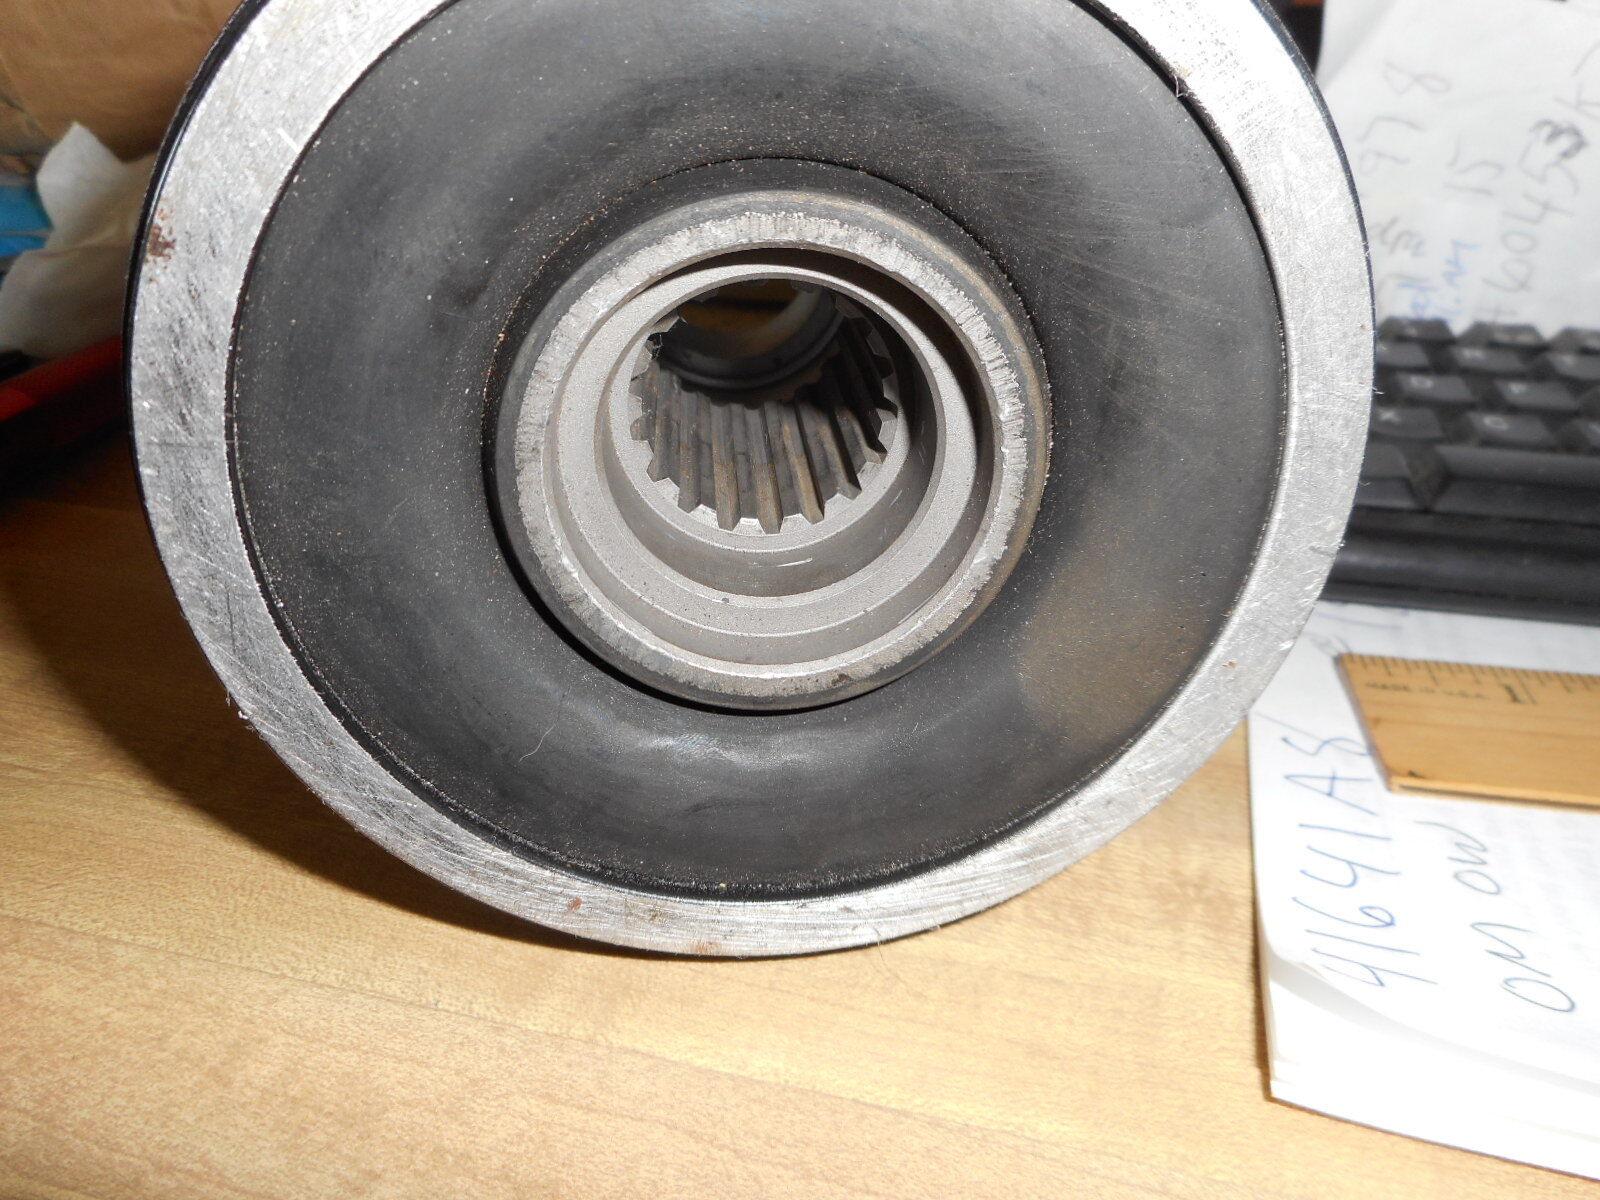 GLM 11500 Engine Coupler for Mercruiser using Chevy V6 V8 w/2-piece rear 76850A2